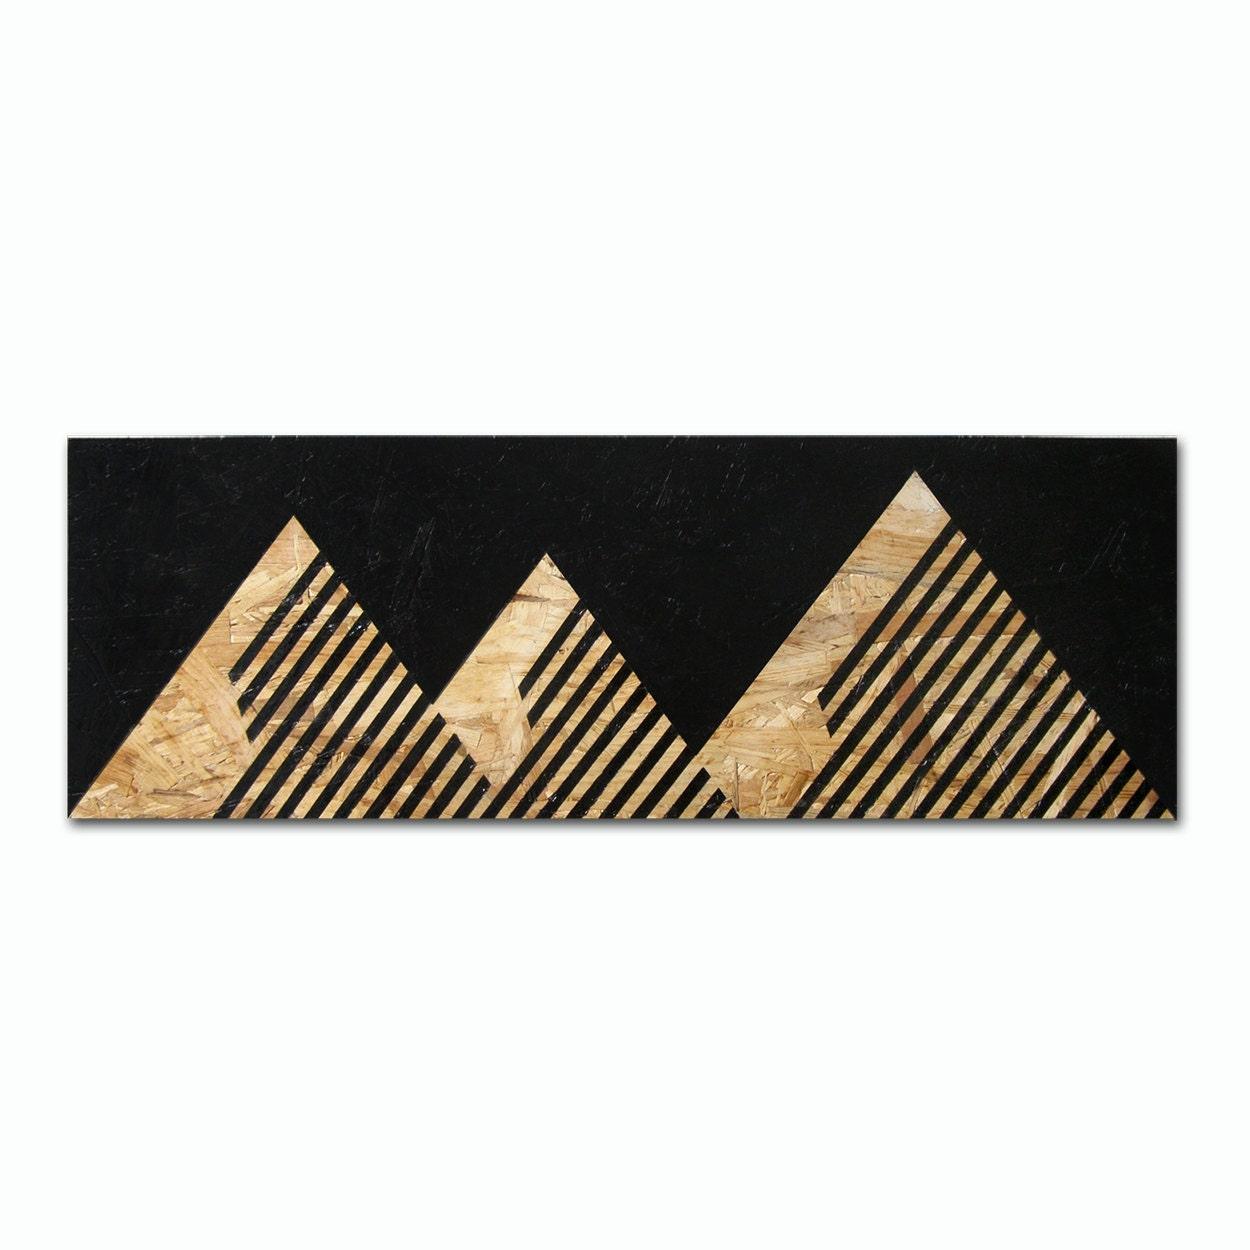 montagnes de meks peinture acrylique osb acrylique noir. Black Bedroom Furniture Sets. Home Design Ideas